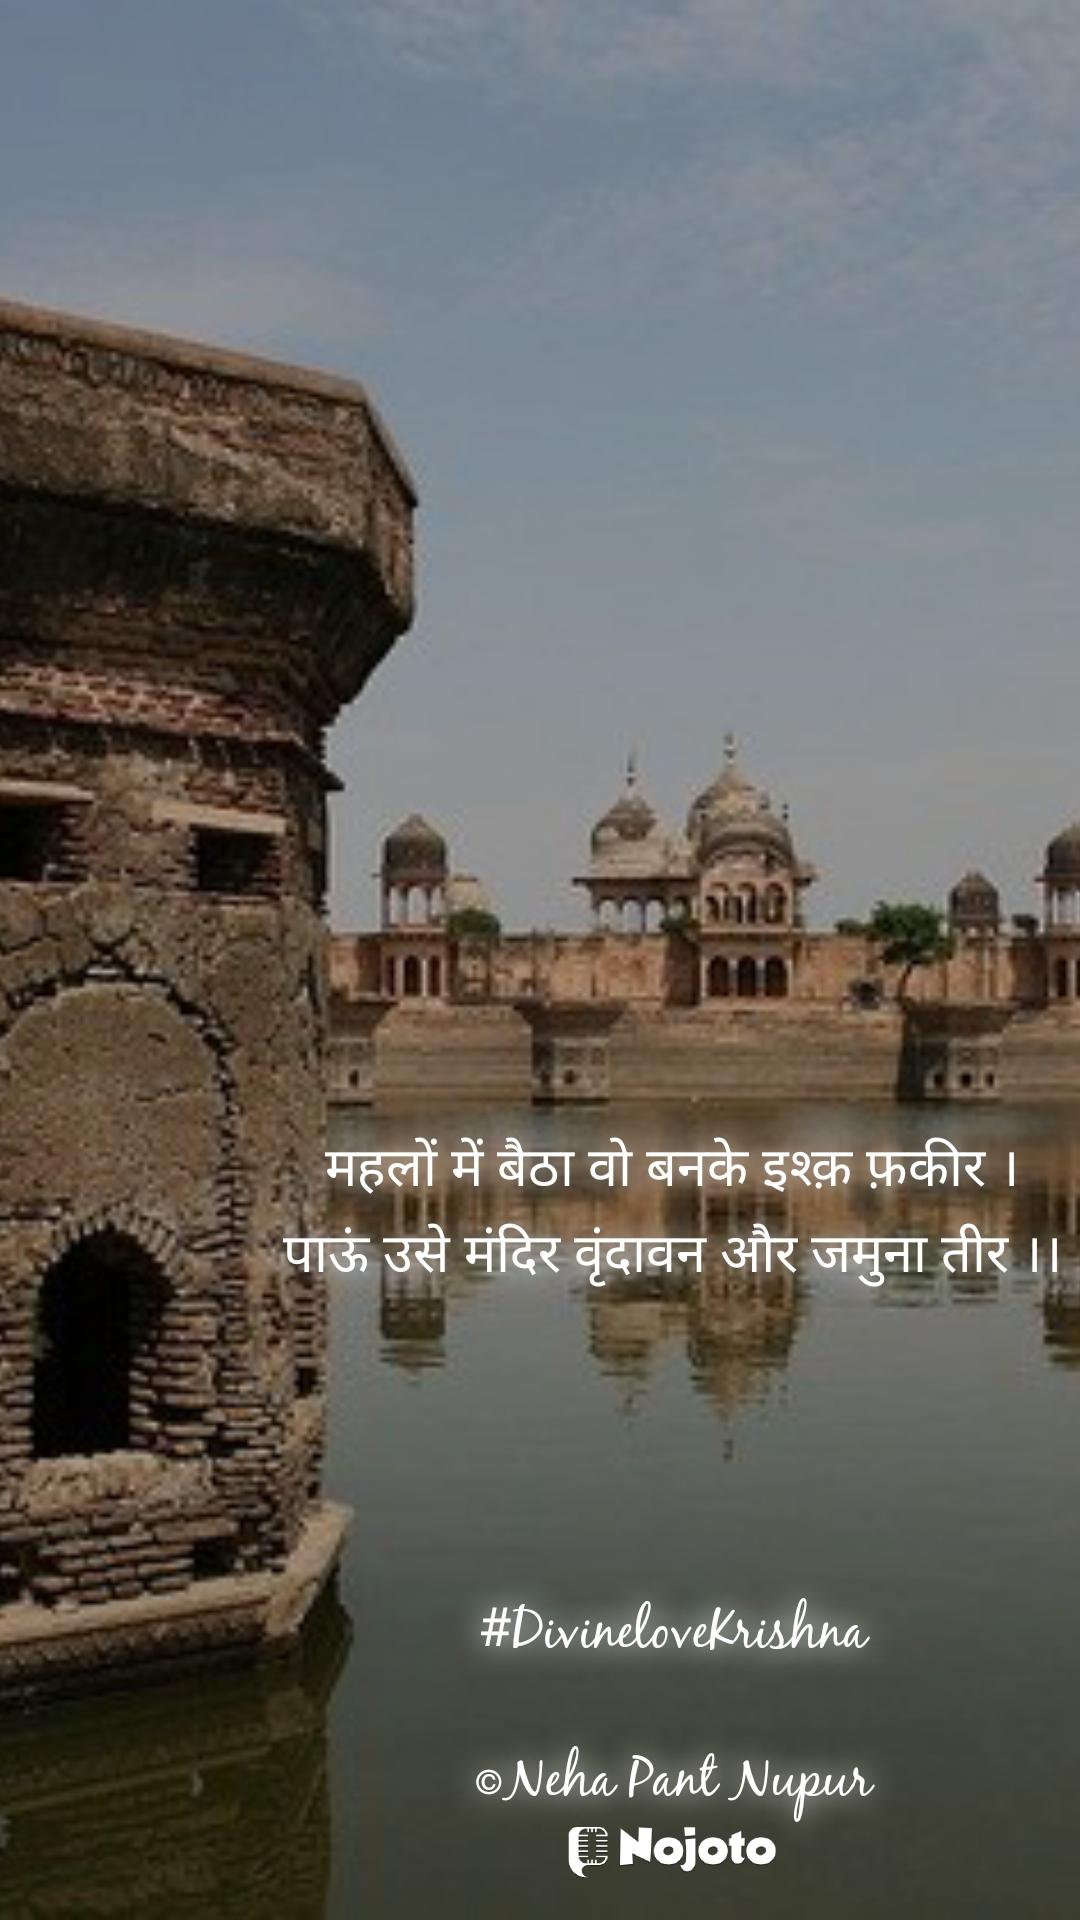 महलों में बैठा वो बनके इश्क़ फ़कीर । पाऊं उसे मंदिर वृंदावन और जमुना तीर ।।     #DivineloveKrishna  ©Neha Pant Nupur